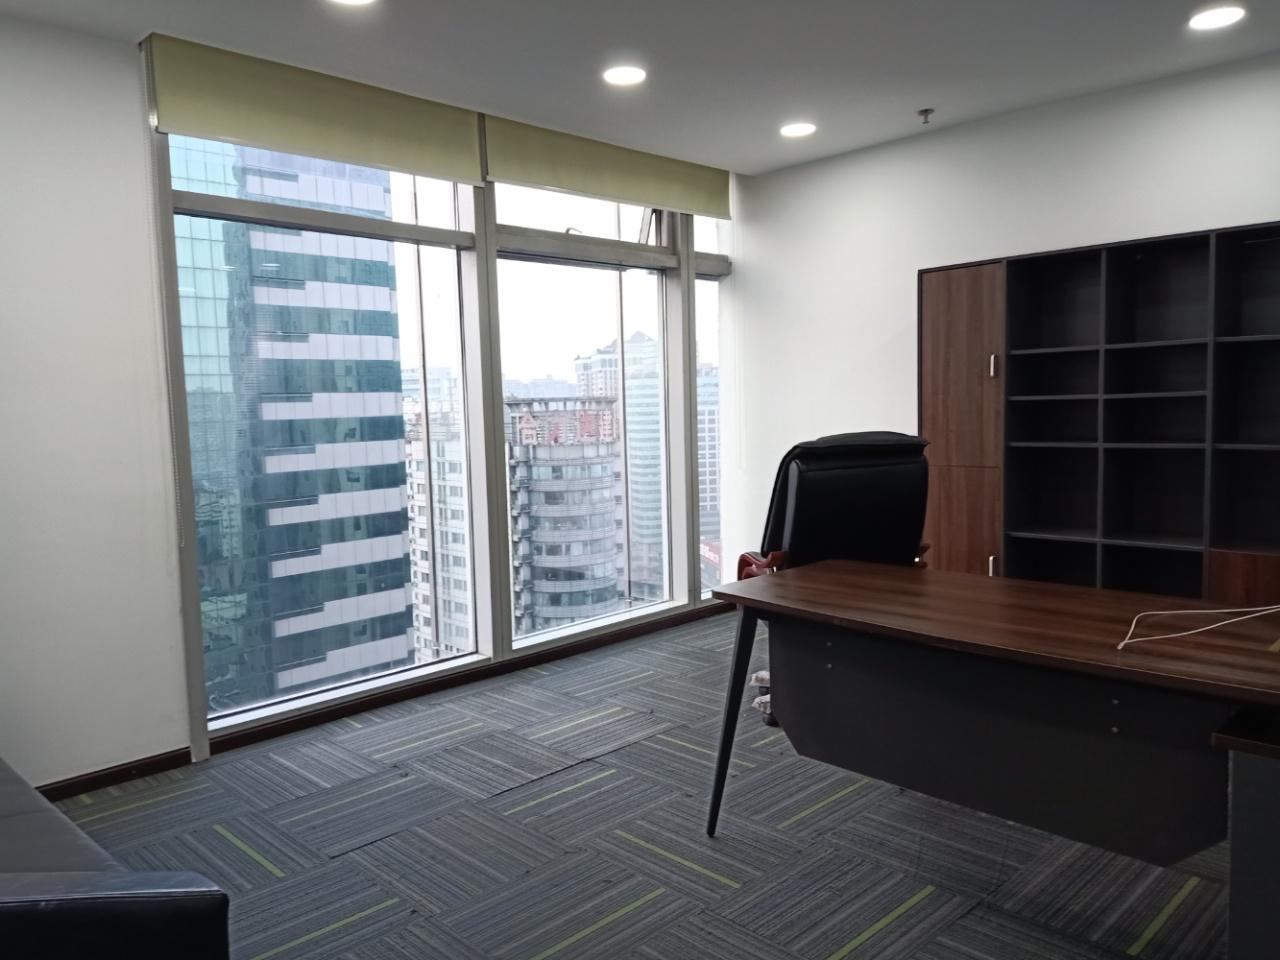 泰丰国际广场 市中心 8隔间48工位 高区视野 双面采光 有免费配套区(办公室,茶水间等等)